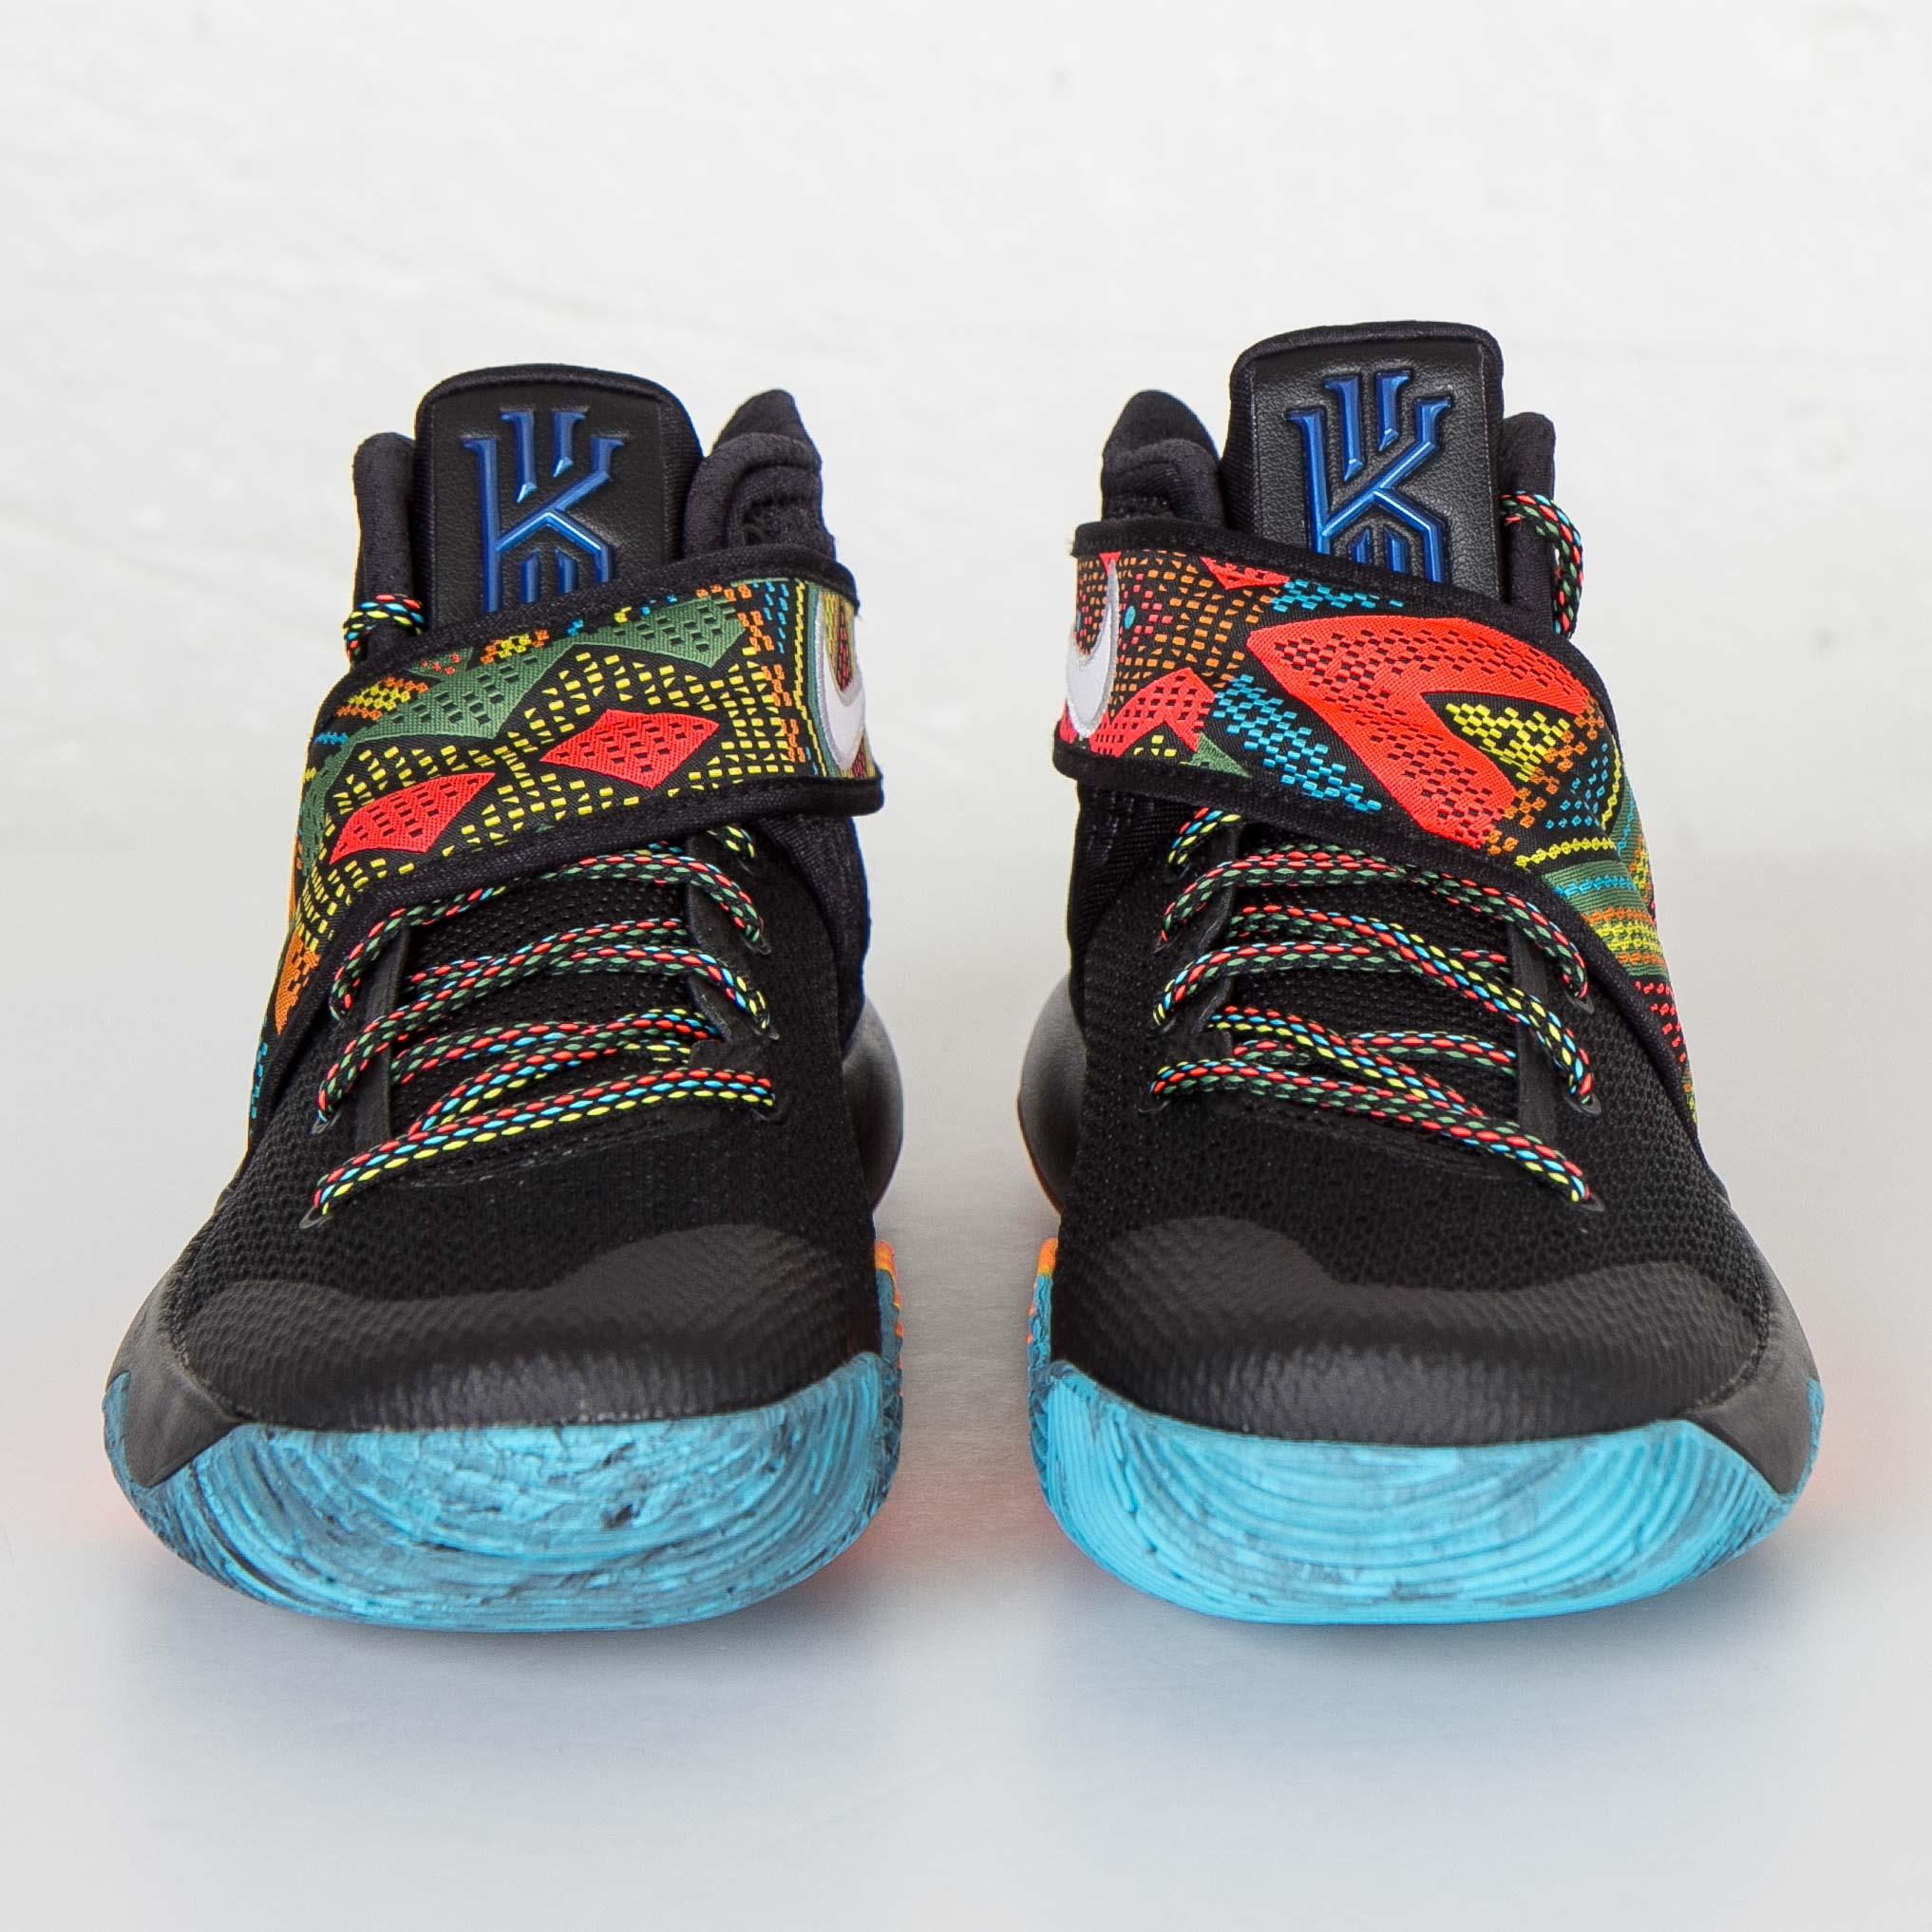 half off 9069a 1fb10 Nike Kyrie 2 BHM - 828375-099 - Sneakersnstuff   sneakers   streetwear  online since 1999